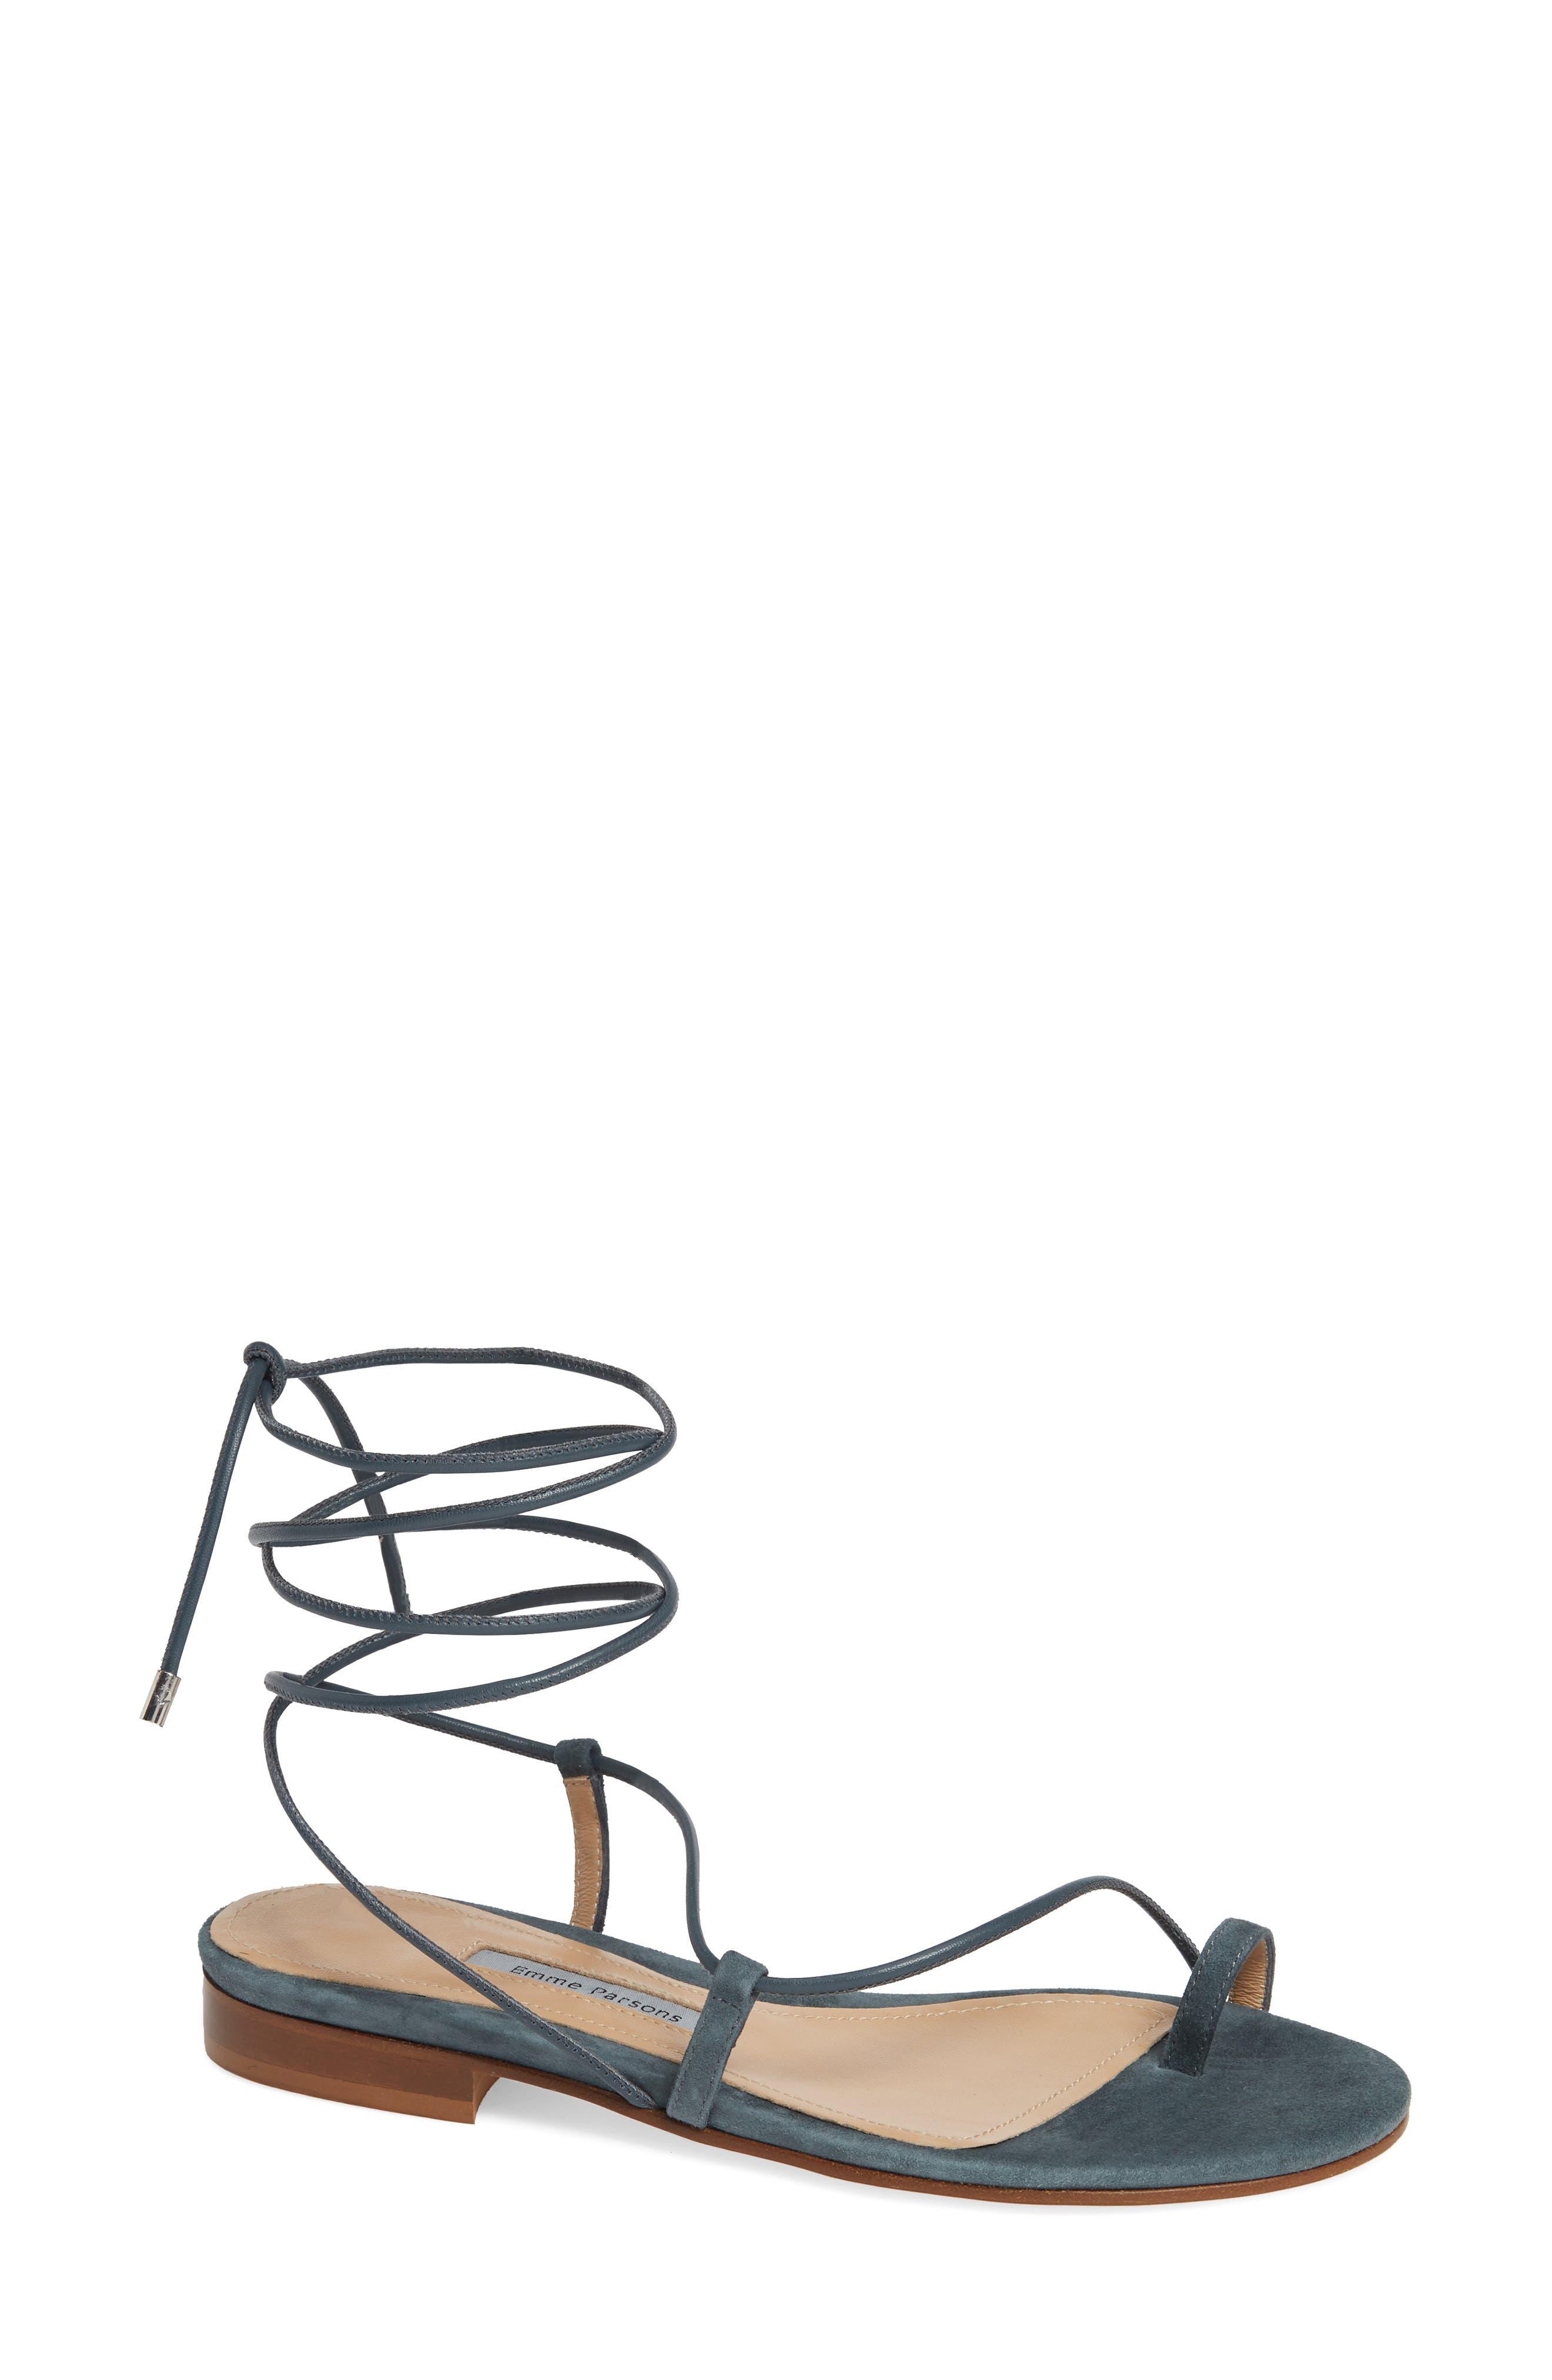 EMME PARSONS, Susan Ankle Tie Sandal, Main thumbnail 1, color, SLATE